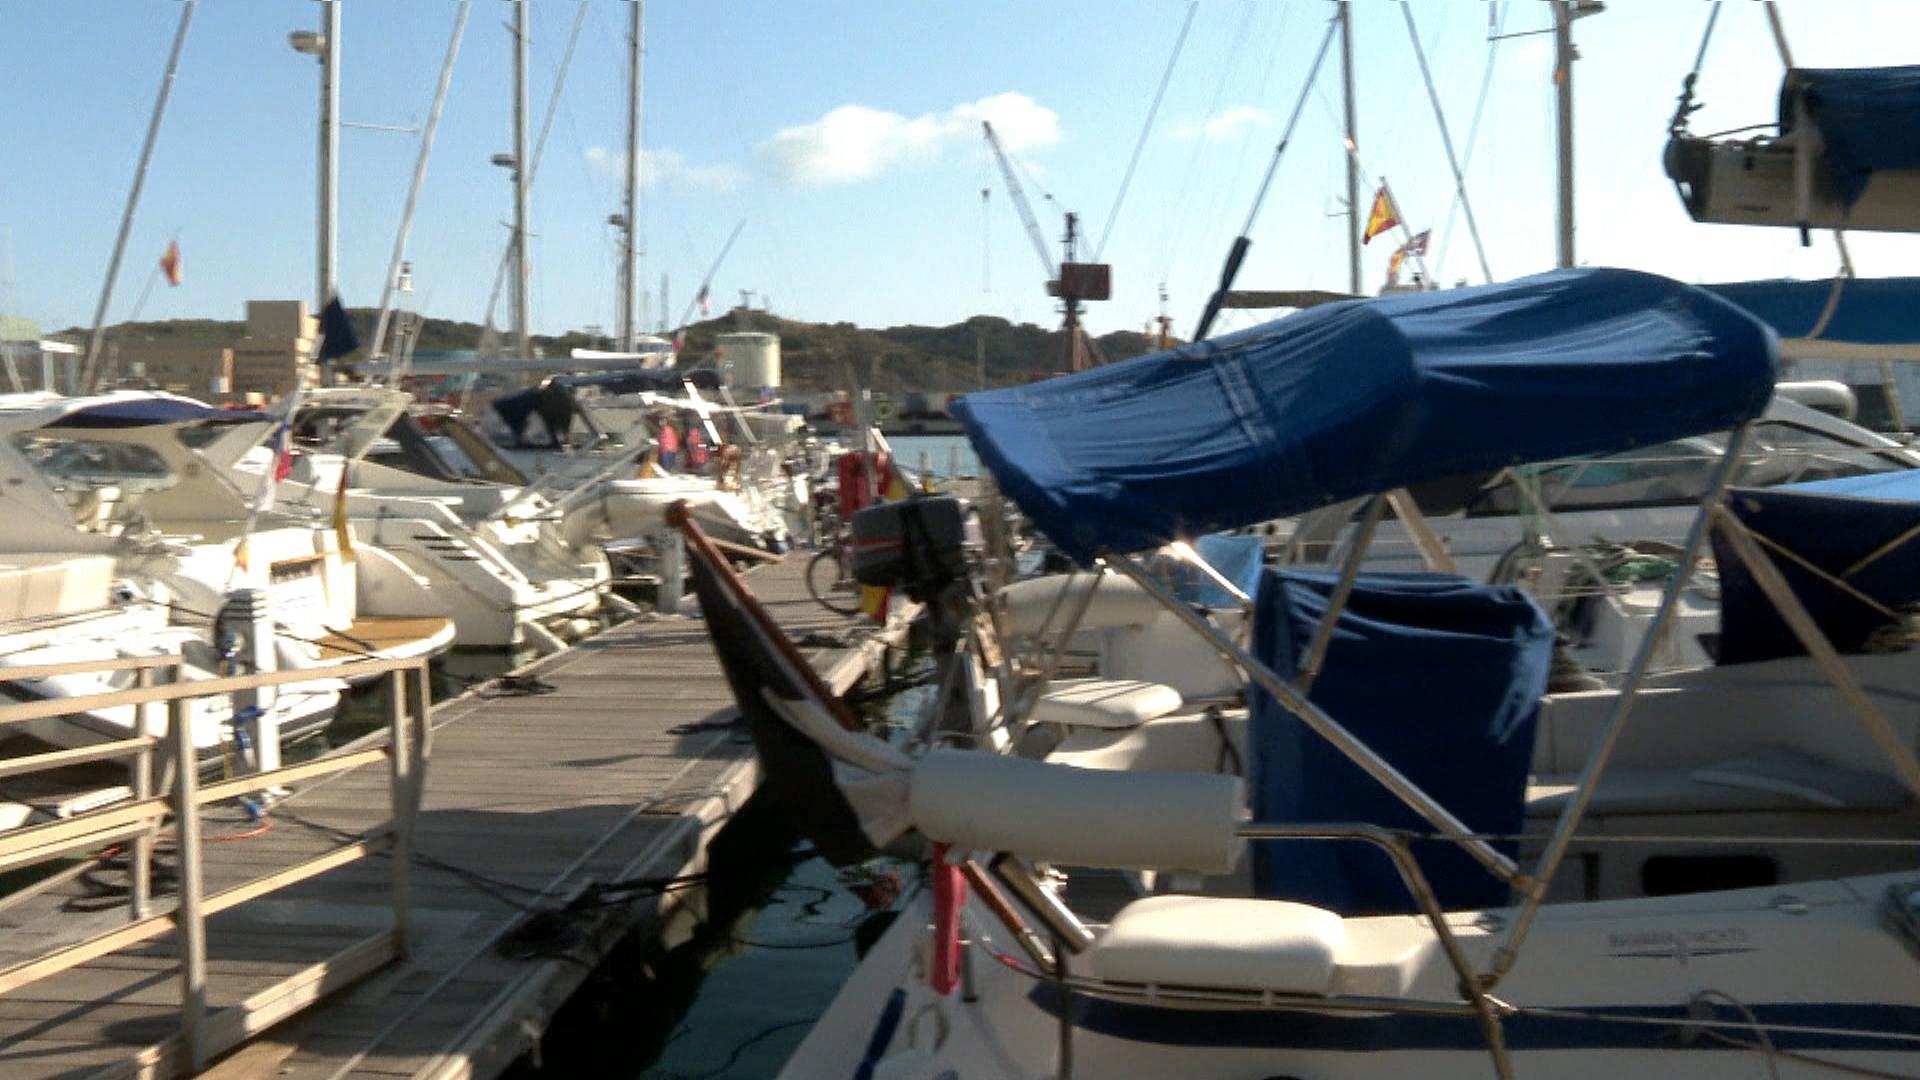 Trobar+un+amarrament+disponible+a+Menorca%2C+missi%C3%B3+impossible+aquest+estiu